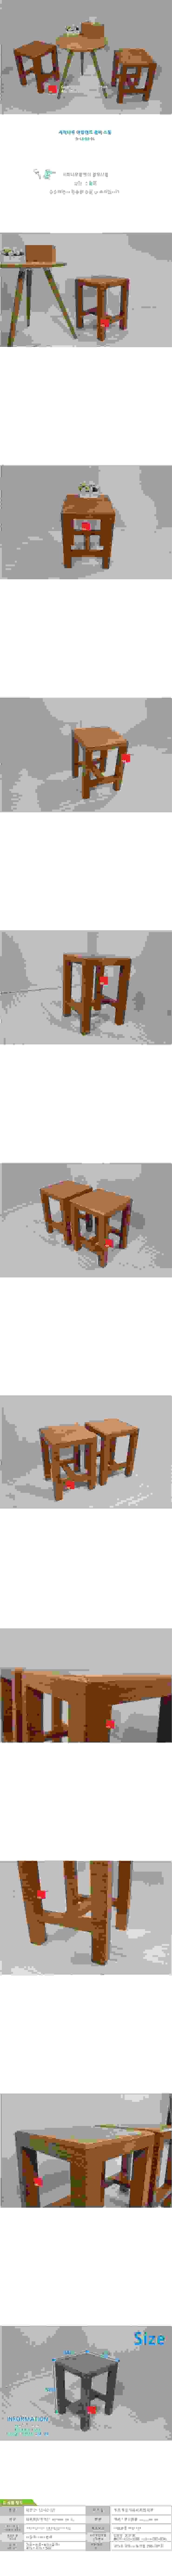 홈 빠 스툴: square furniture의 열렬한 ,휴양지 우드 우드 그레인